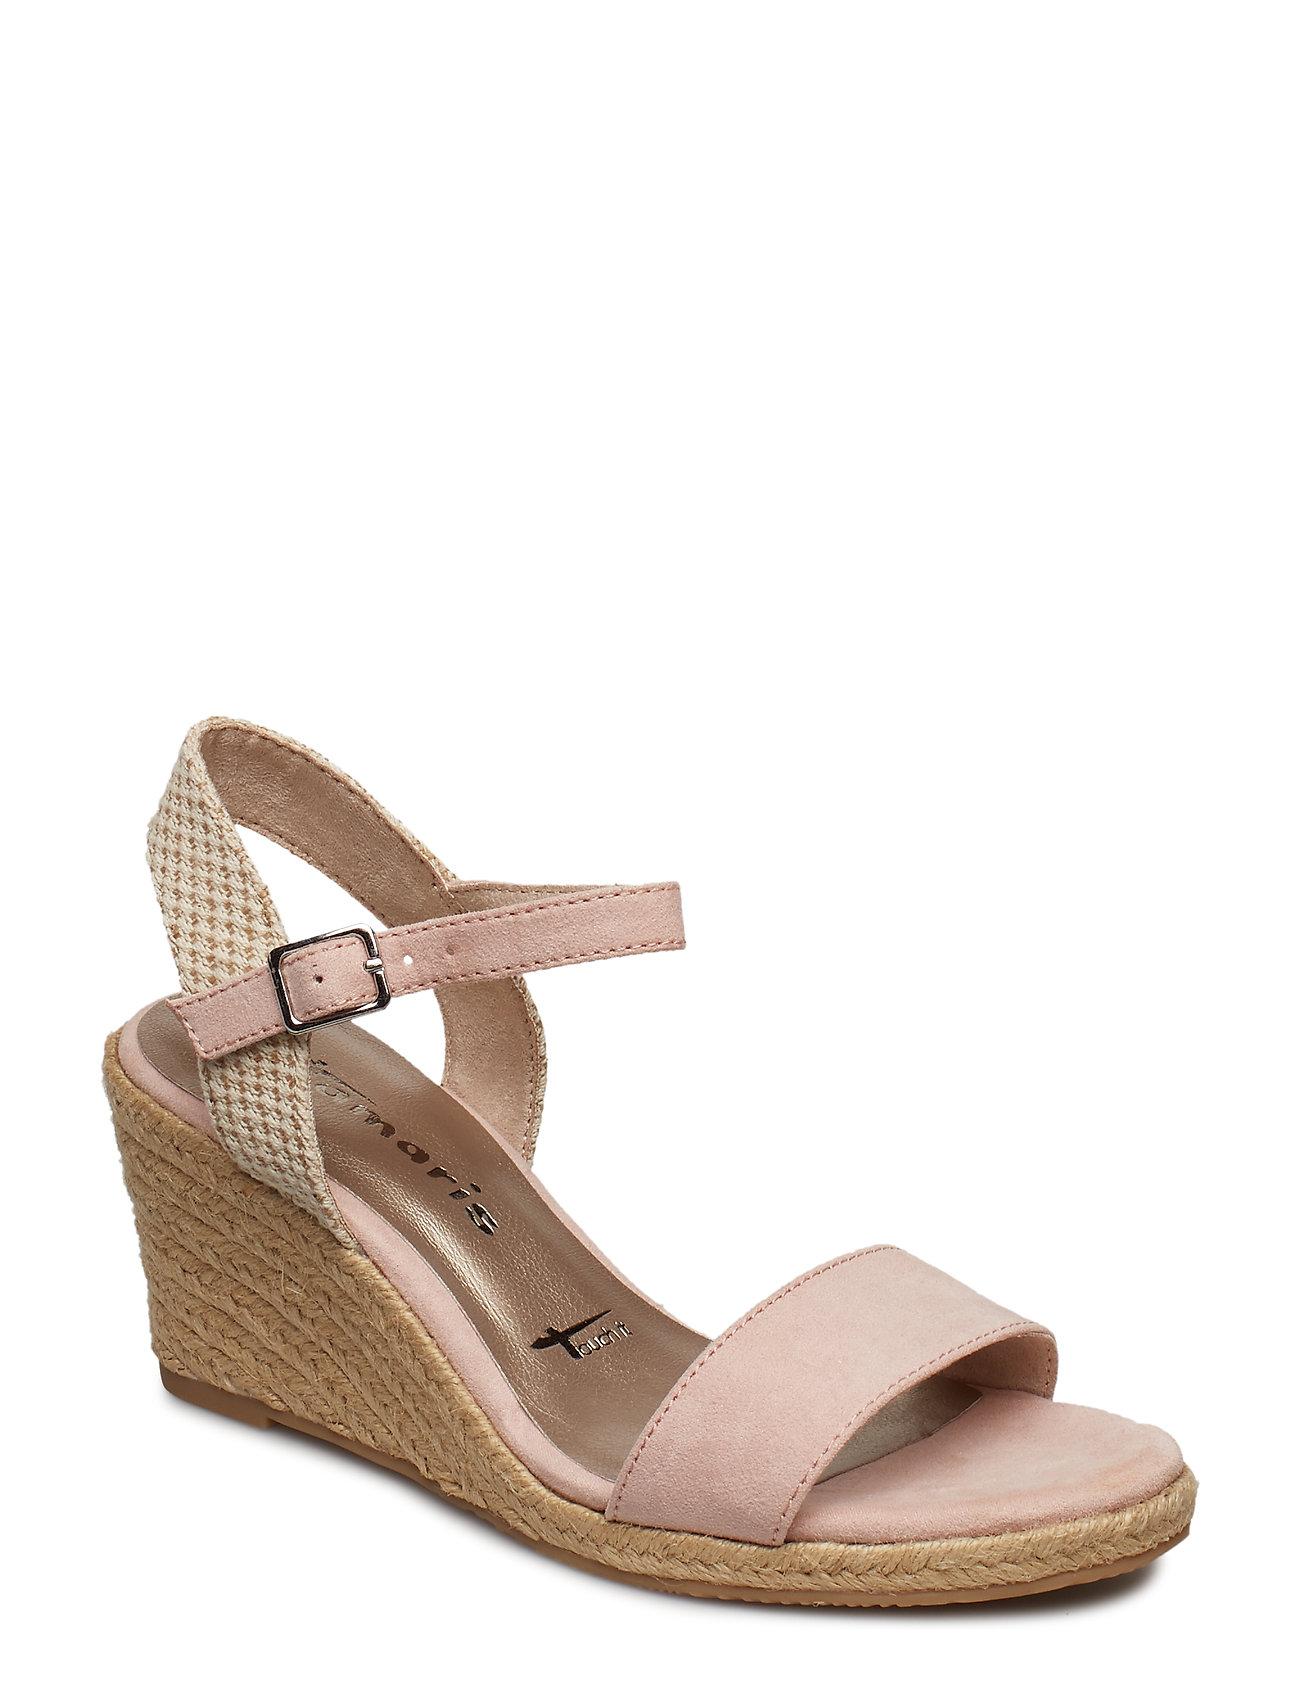 Tamaris Sandals - ROSE/BEIGE